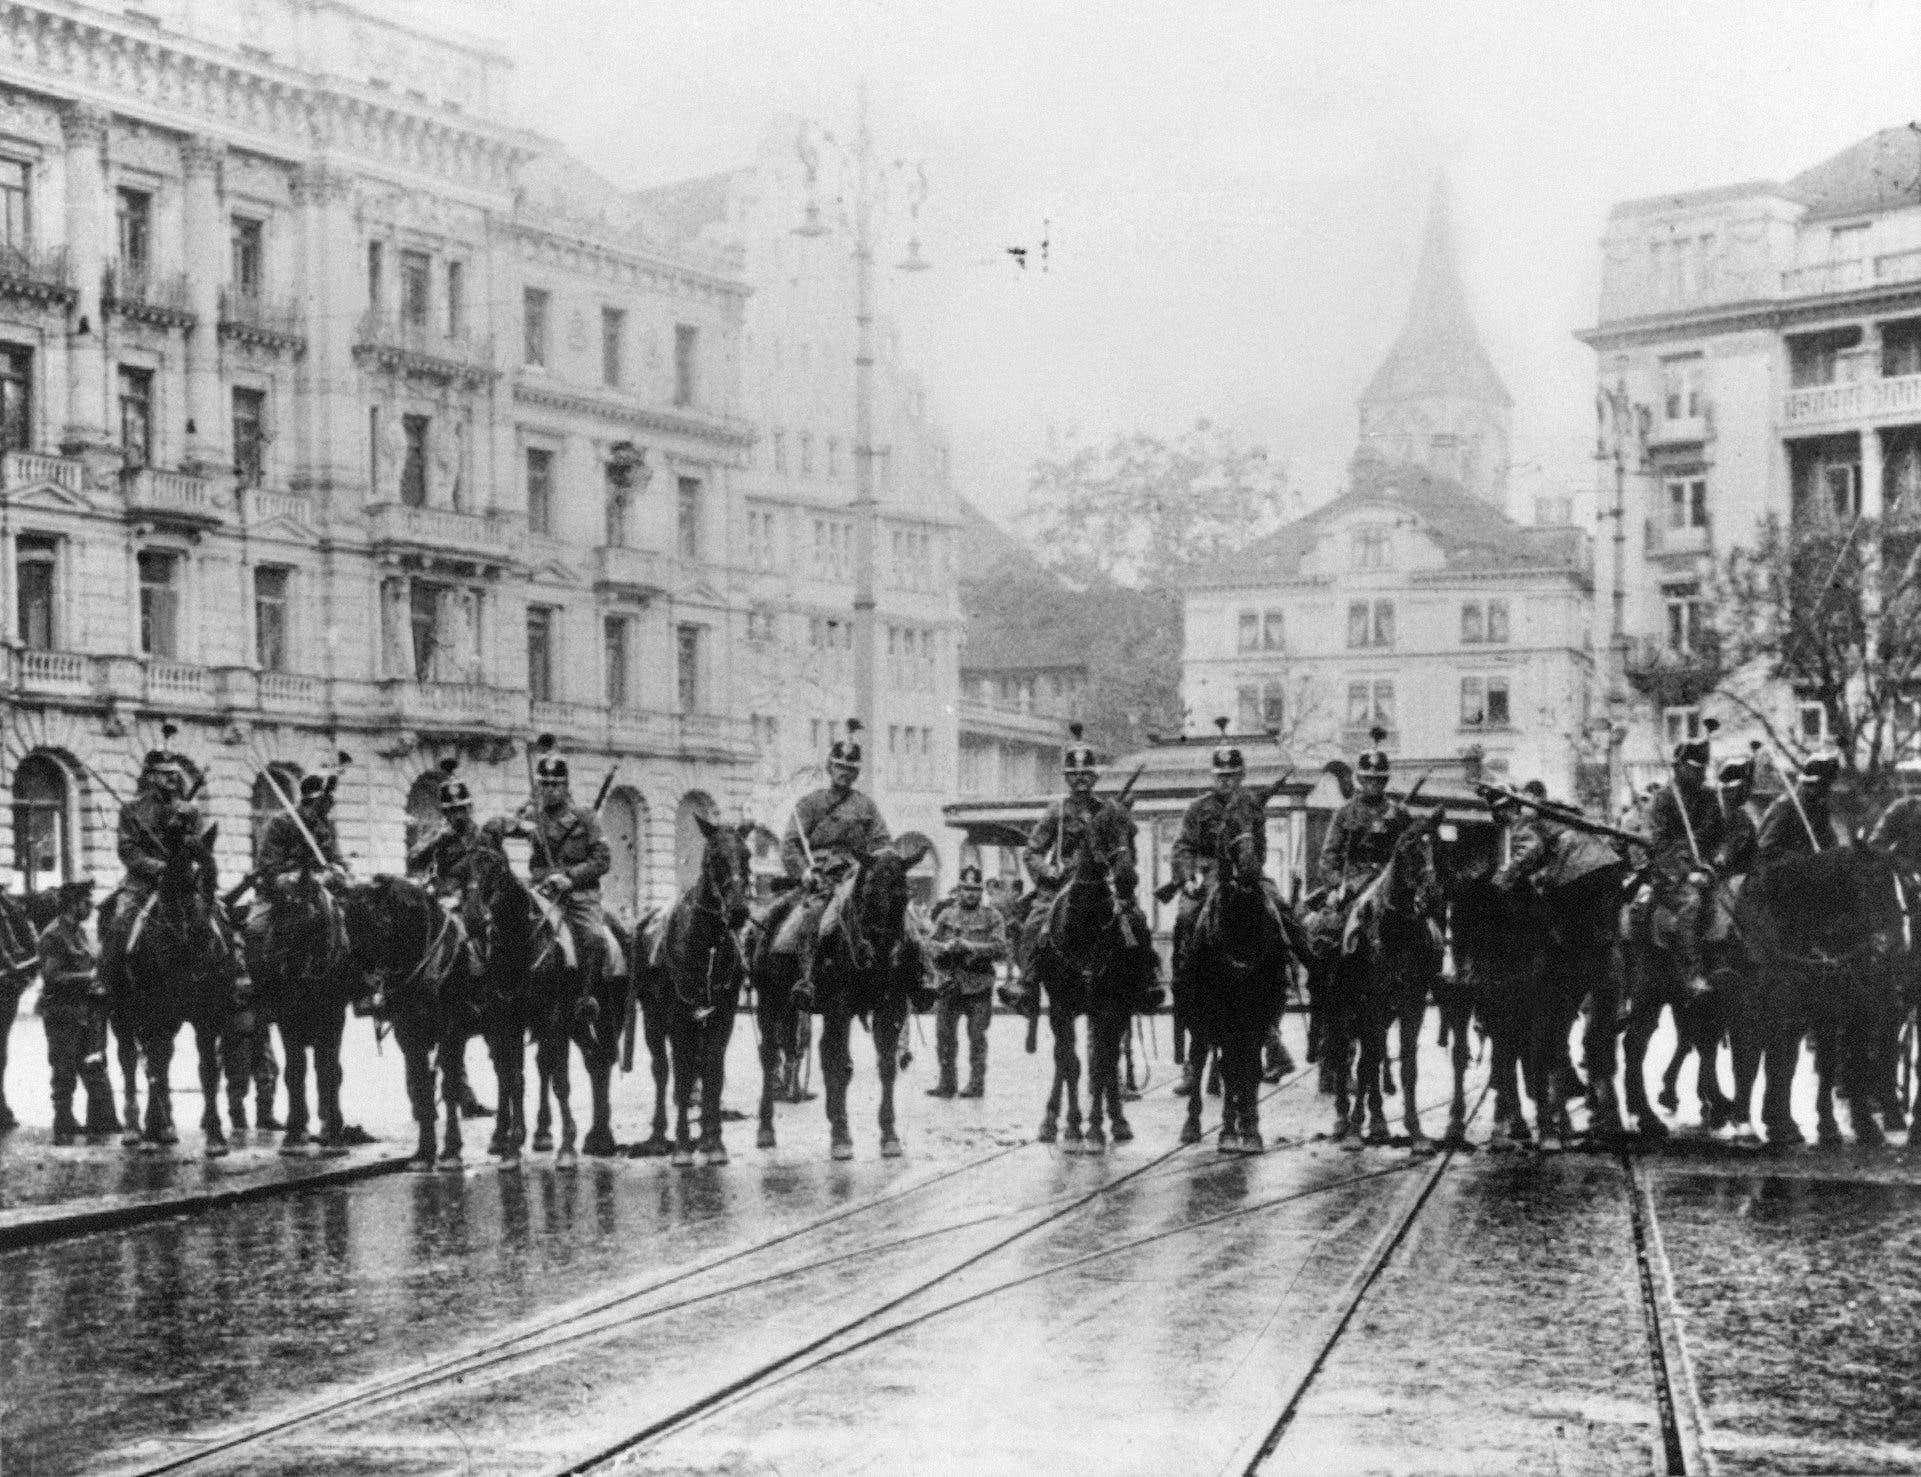 Zürich war im November 1918 der Ausgangspunkt des schweizerischen Generalstreikes. Am 9. November um 4.30 in der Früh, zogen sich Einheiten der Armee auf dem Paradeplatz zusammen um eine geplante Feier zum Jahrestag der Oktoberrevolution zu verhindern. Die Soldaten feuerten allerdings bloss in die Luft und nicht in die Menge. Einige Zivilisten wurden von Säbelhieben getroffen. (KEYSTONE/FOTOSTIFTUNG SCHWEIZ/Adolf Moser)